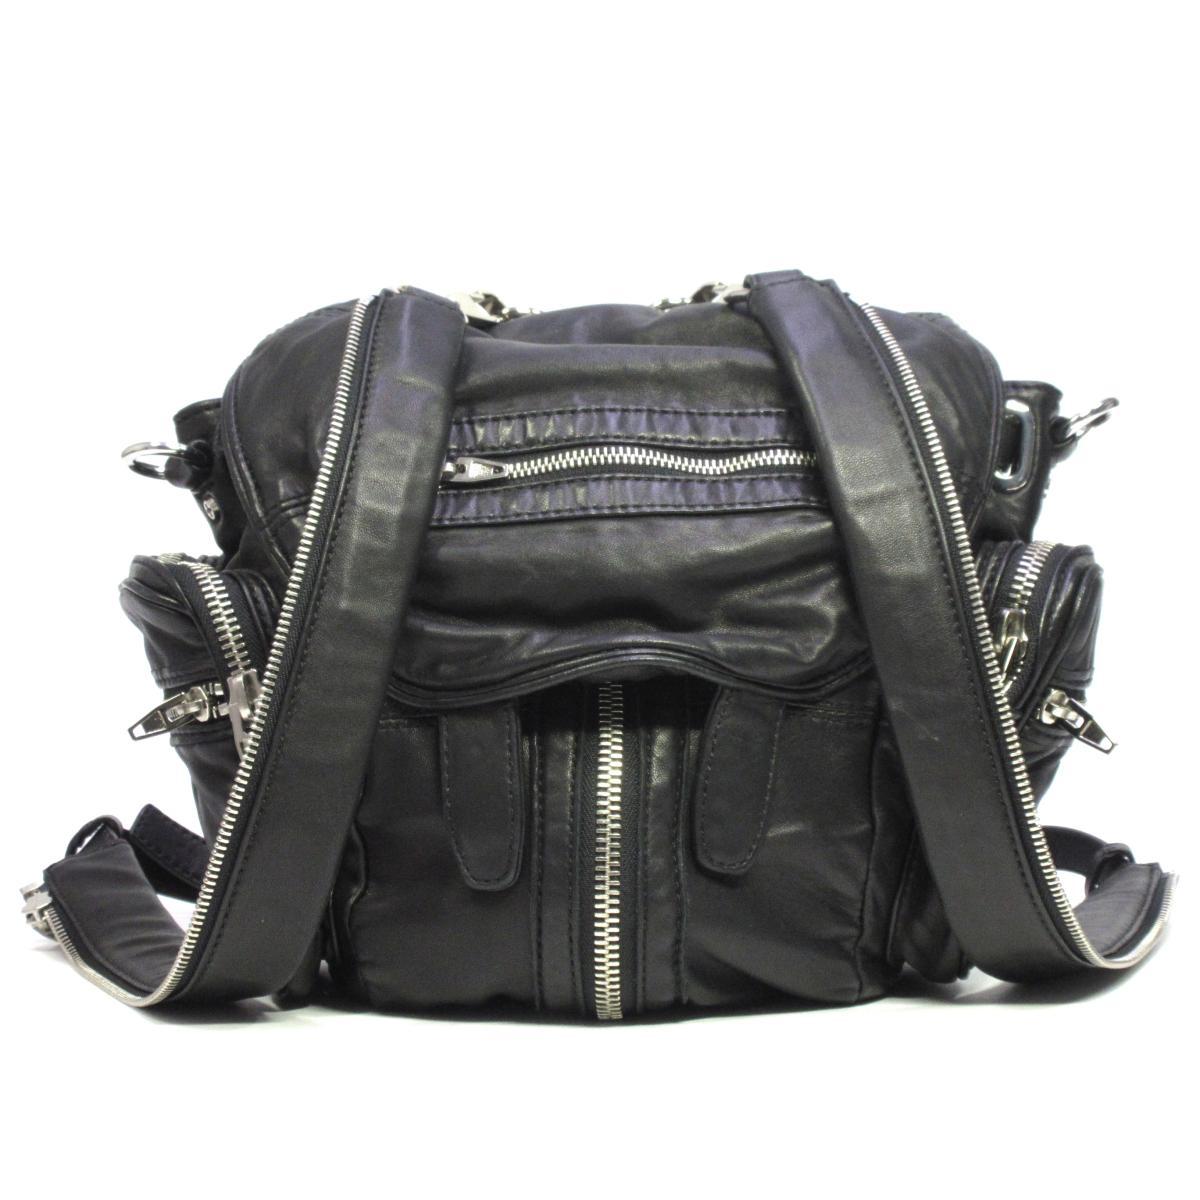 【中古】 セレクション Ale x anderWang/3wayバッグ リュックサック メンズ レディース レザー | SELECTION リュック バッグ バック 鞄 カバン BAG ブランドバッグ ブランドバック 美品 ブランドオフ